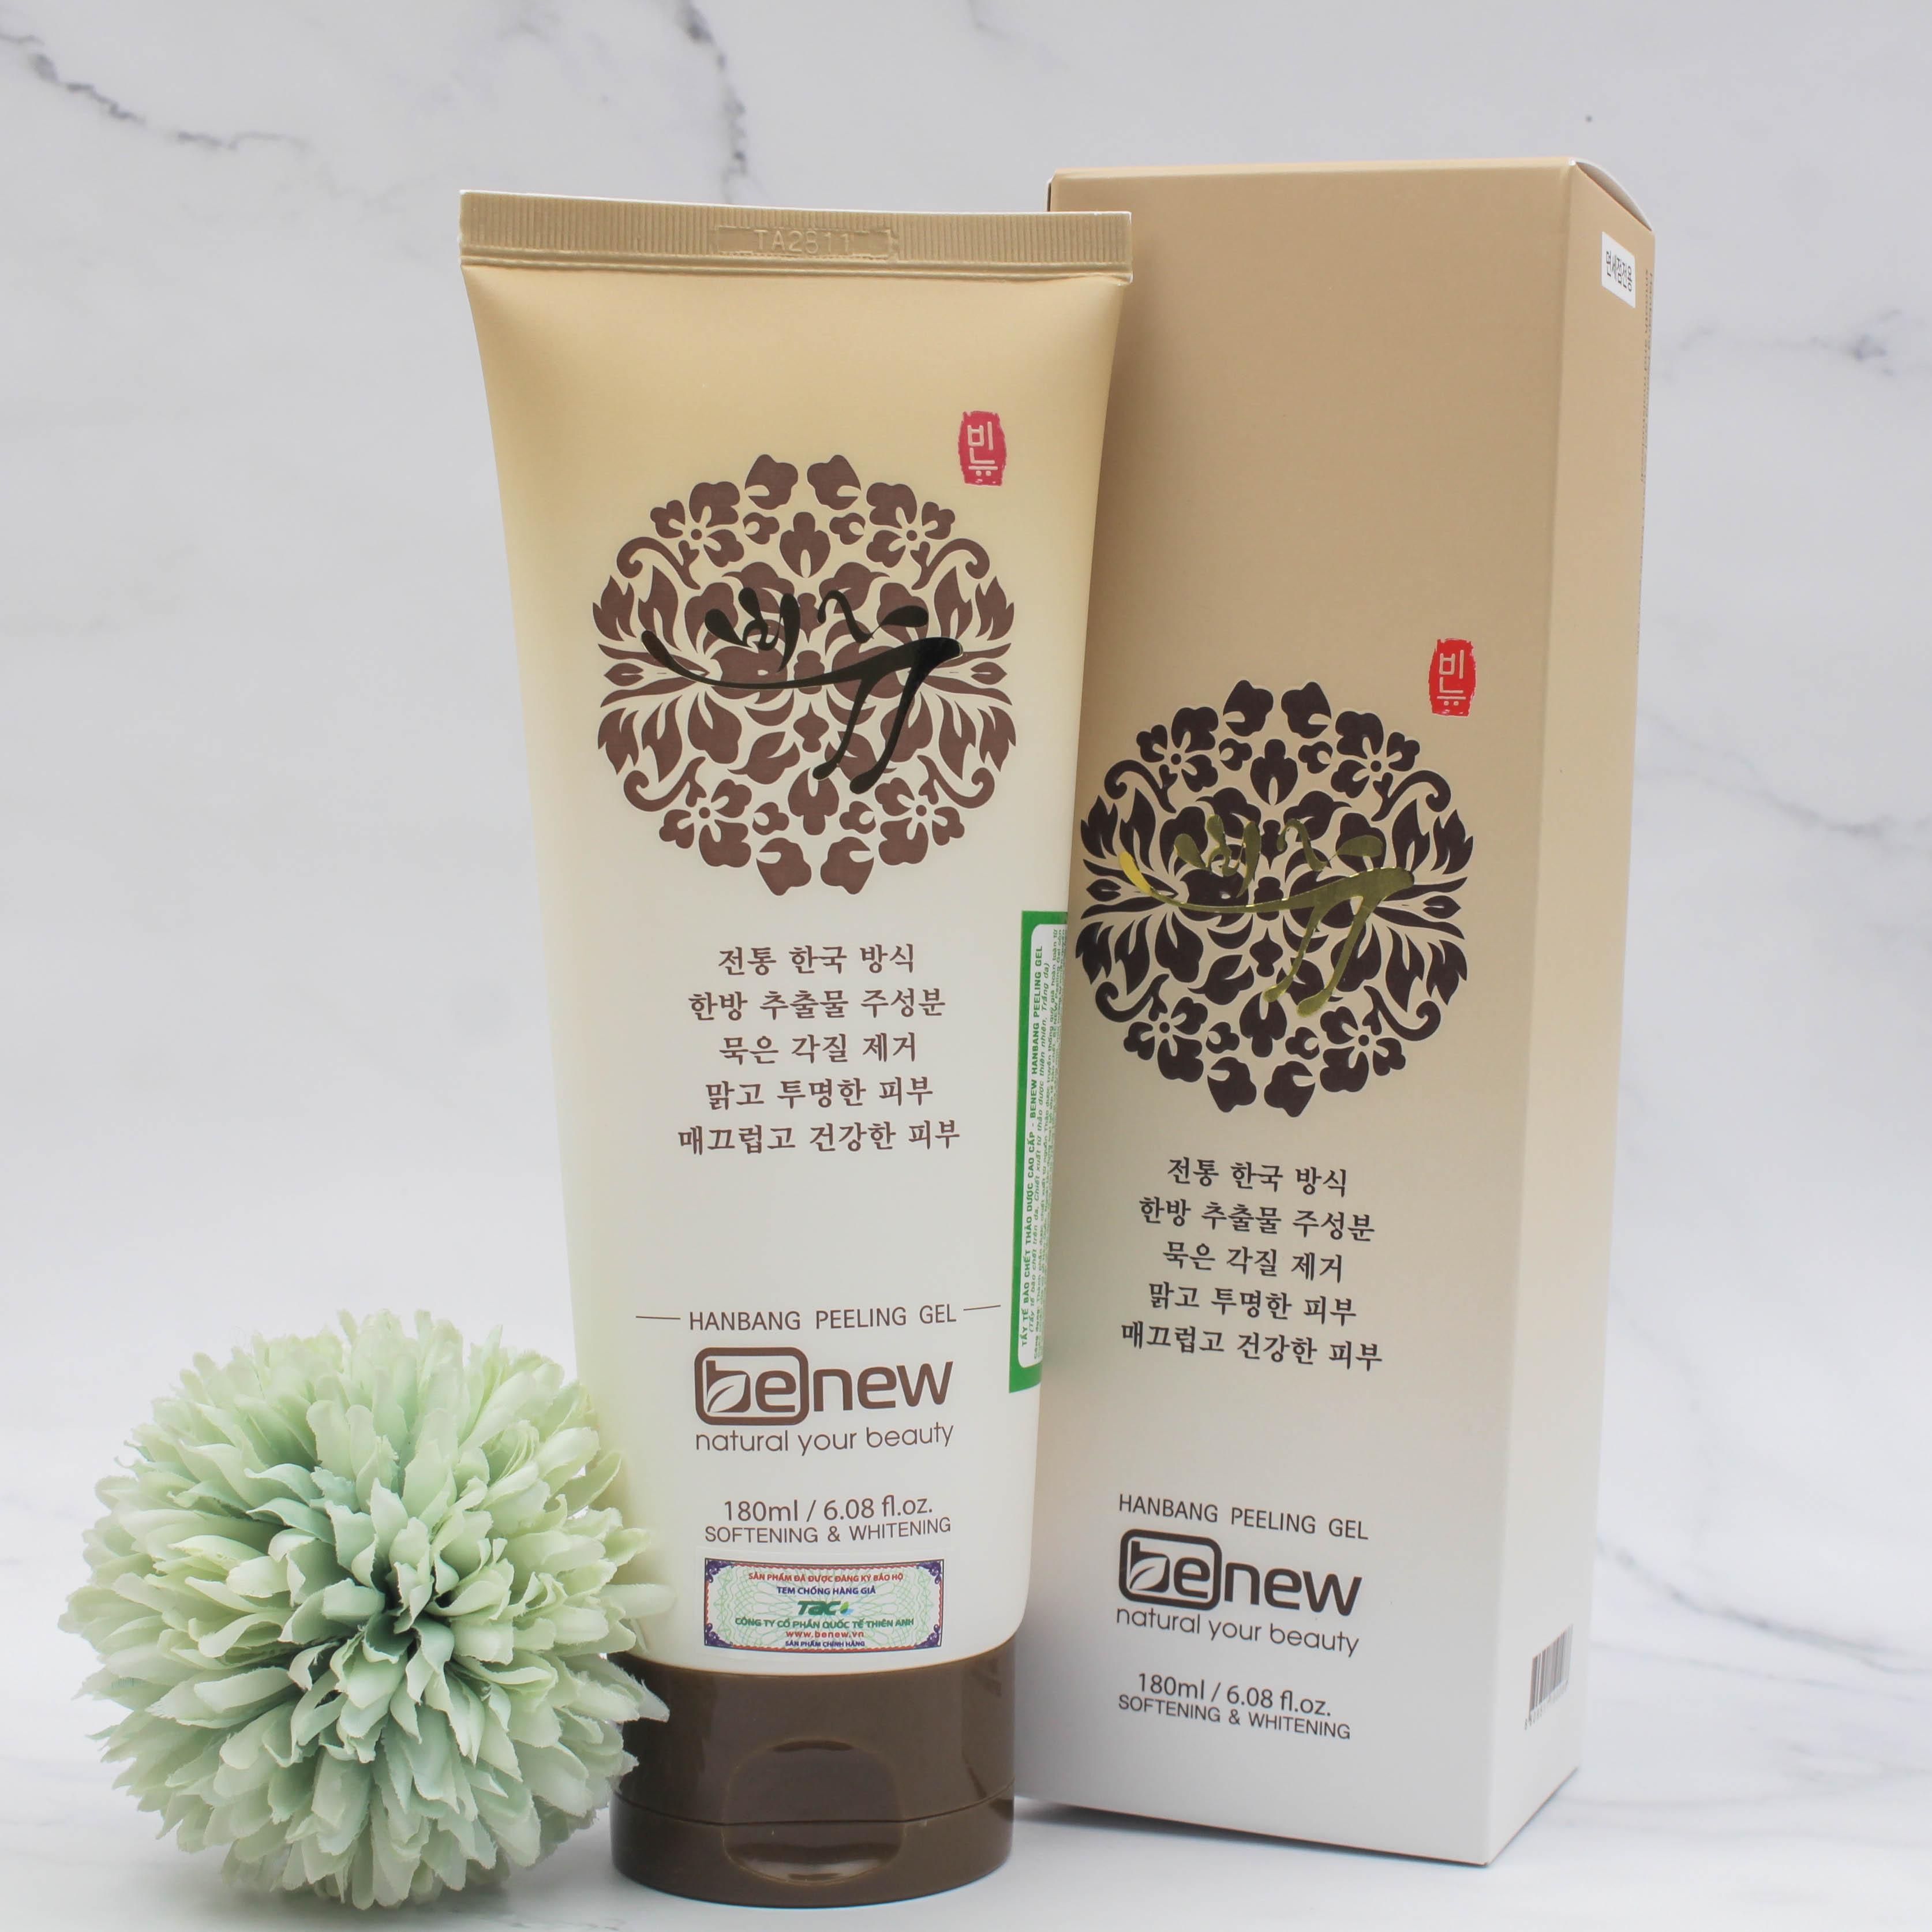 Kem tẩy tế bào chết thảo dược Benew Peeling Gel cho da mặt, làm sạch lỗ chân lông và làm trắng da cao cấp Hàn Quốc (180ml) Mẫu Mới – Hàng Chính Hãng